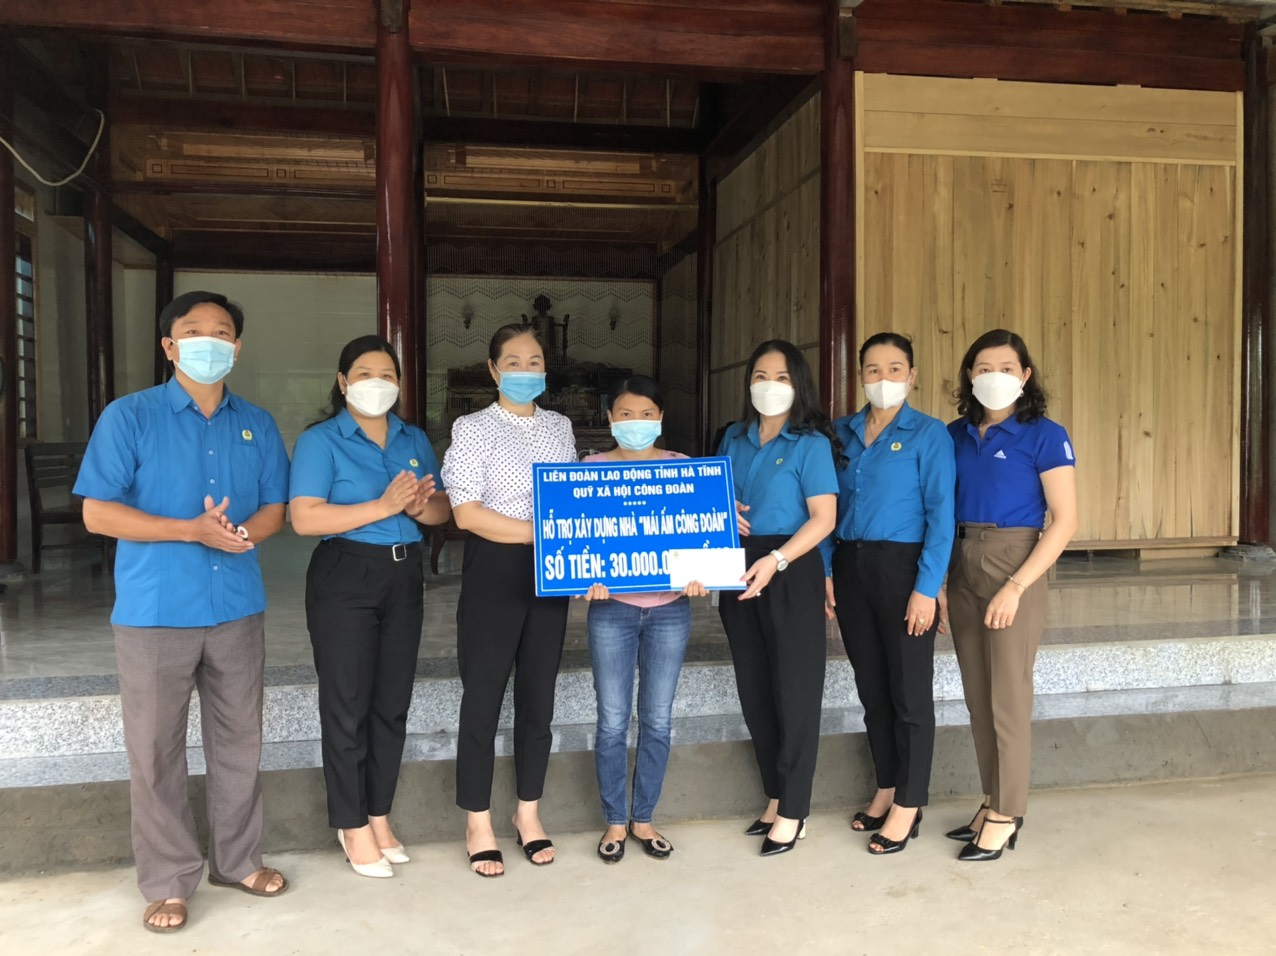 Hương Khê: Trao hỗ trợ cho đoàn viên nữ bị rủi ro, hoạn nạn, có hoàn cảnh khó khăn nhân Ngày Phụ nữ Việt Nam 20/10